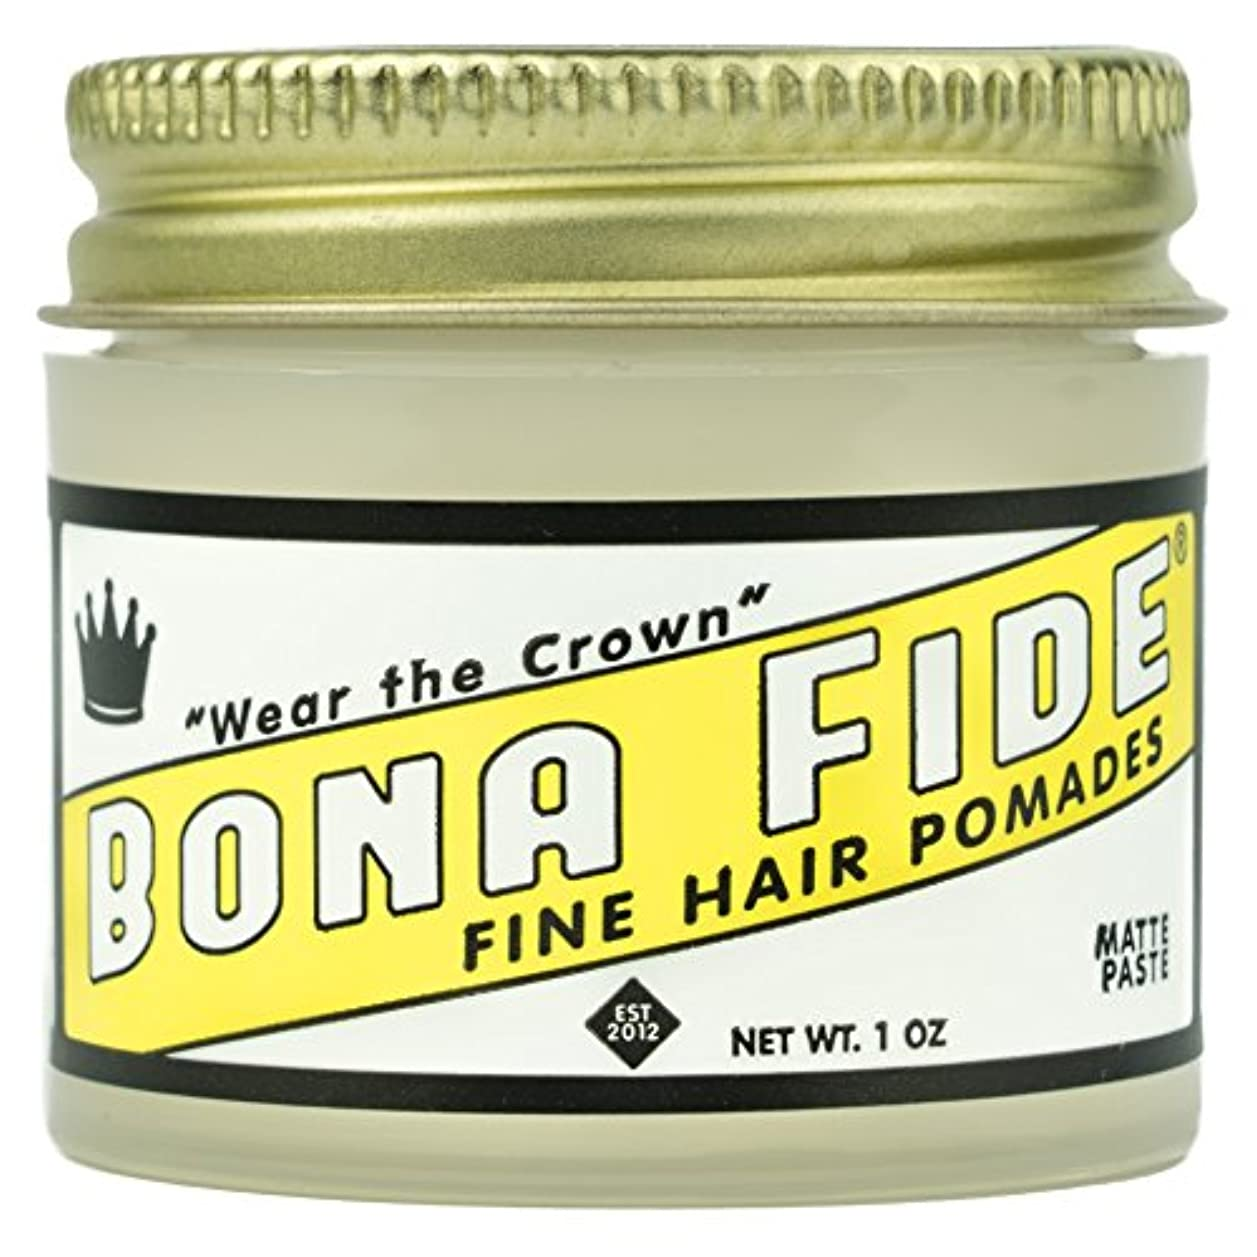 薬用大理石復活させるBona Fide Pomade, マットペースト 1oz (28g) / トラベルサイズ,水性/グリース